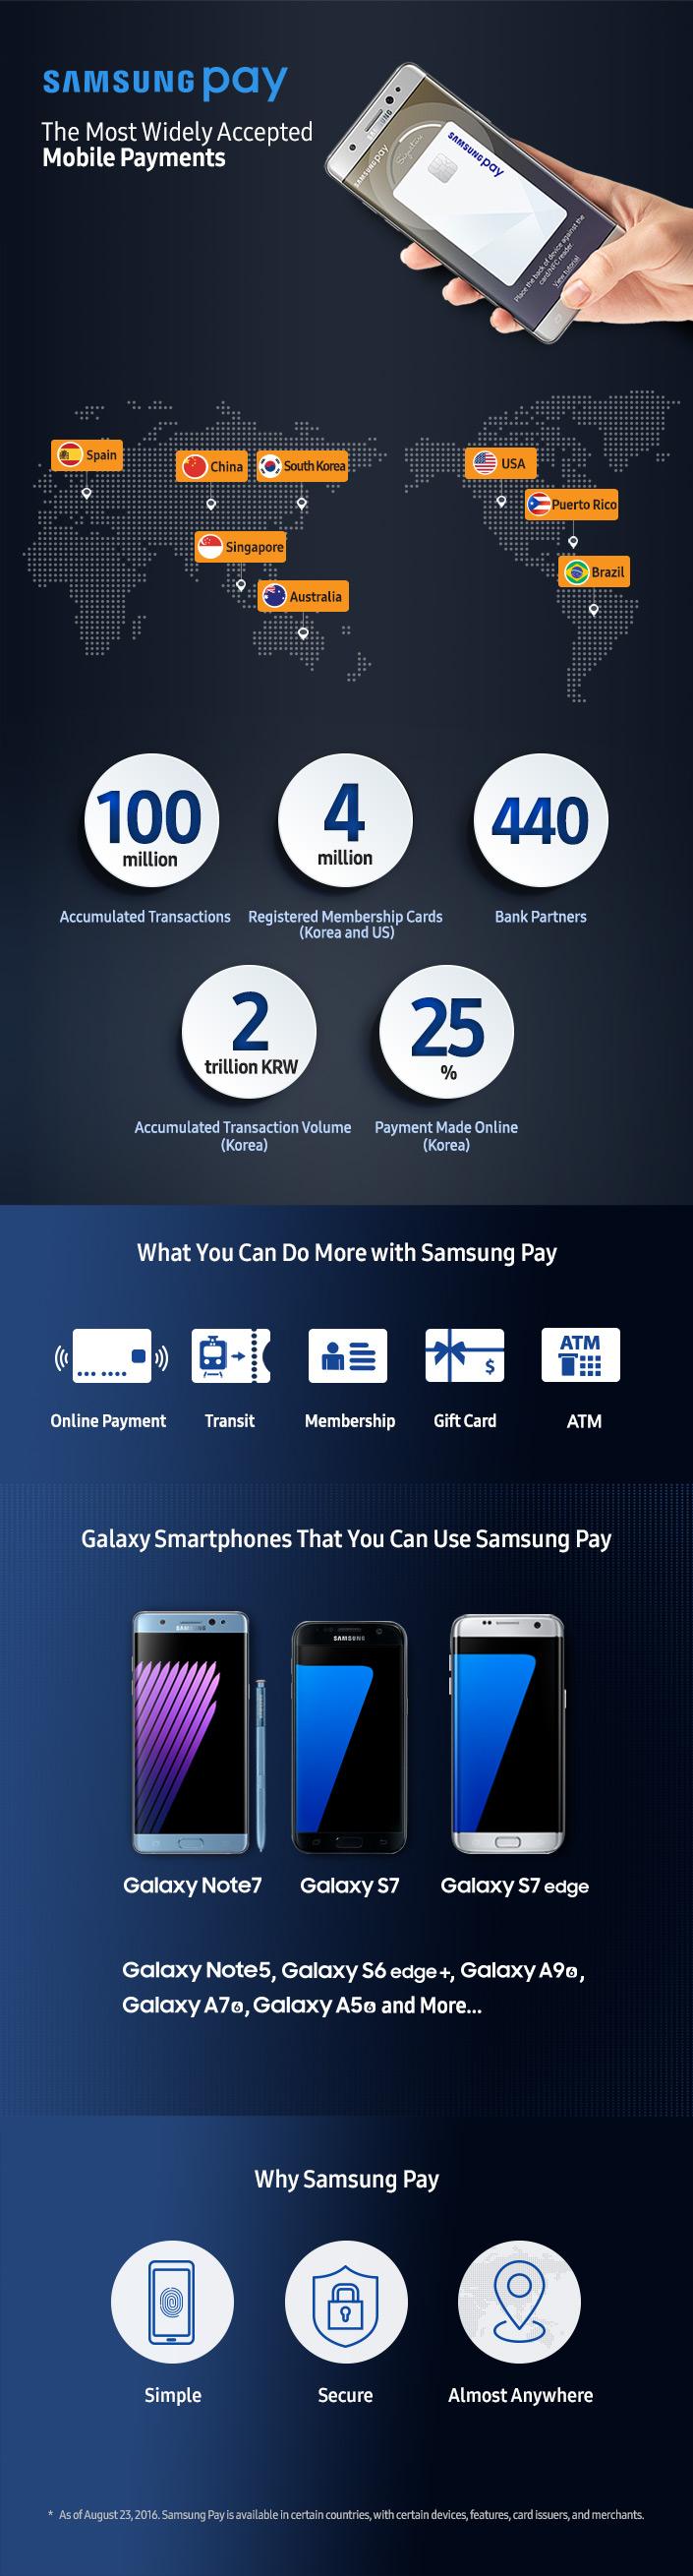 news-samsungpay-infografika